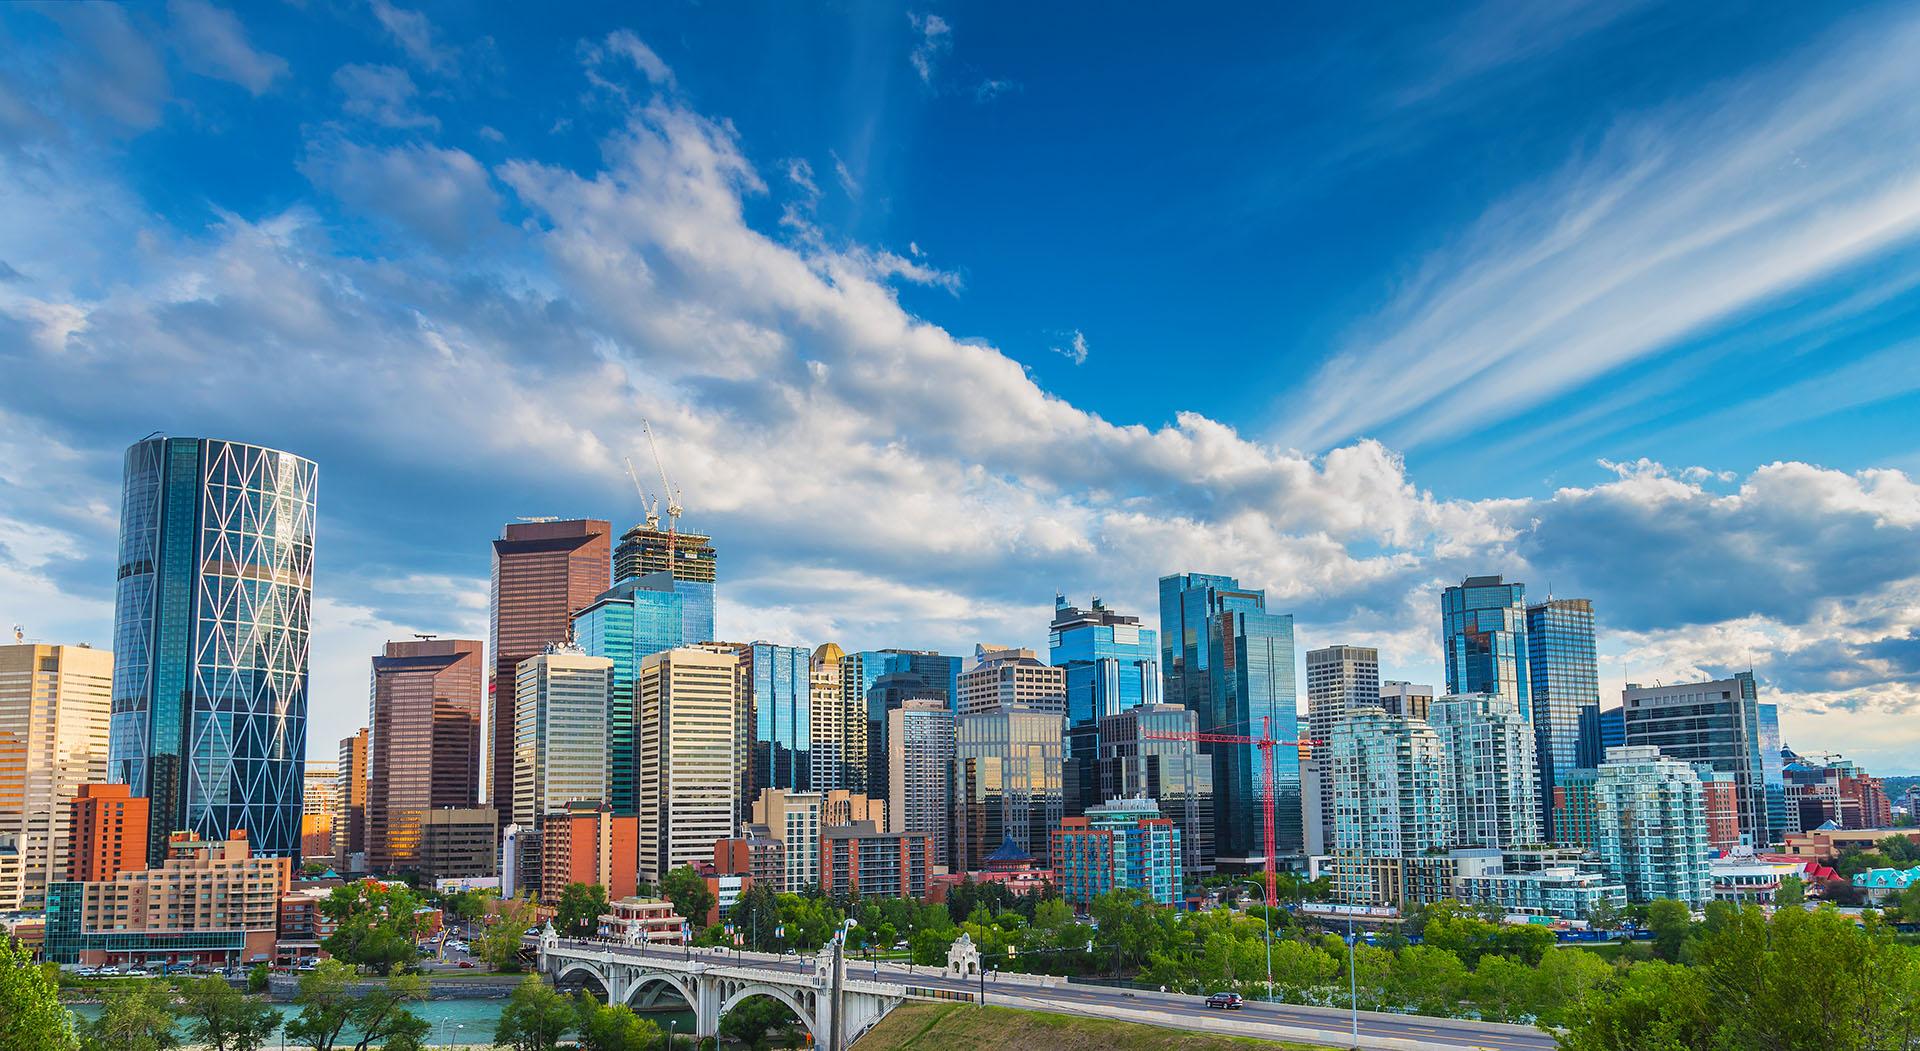 Ubicada en Canadá, la ciudad de Calgary ocupa el quinto puesto del ranking